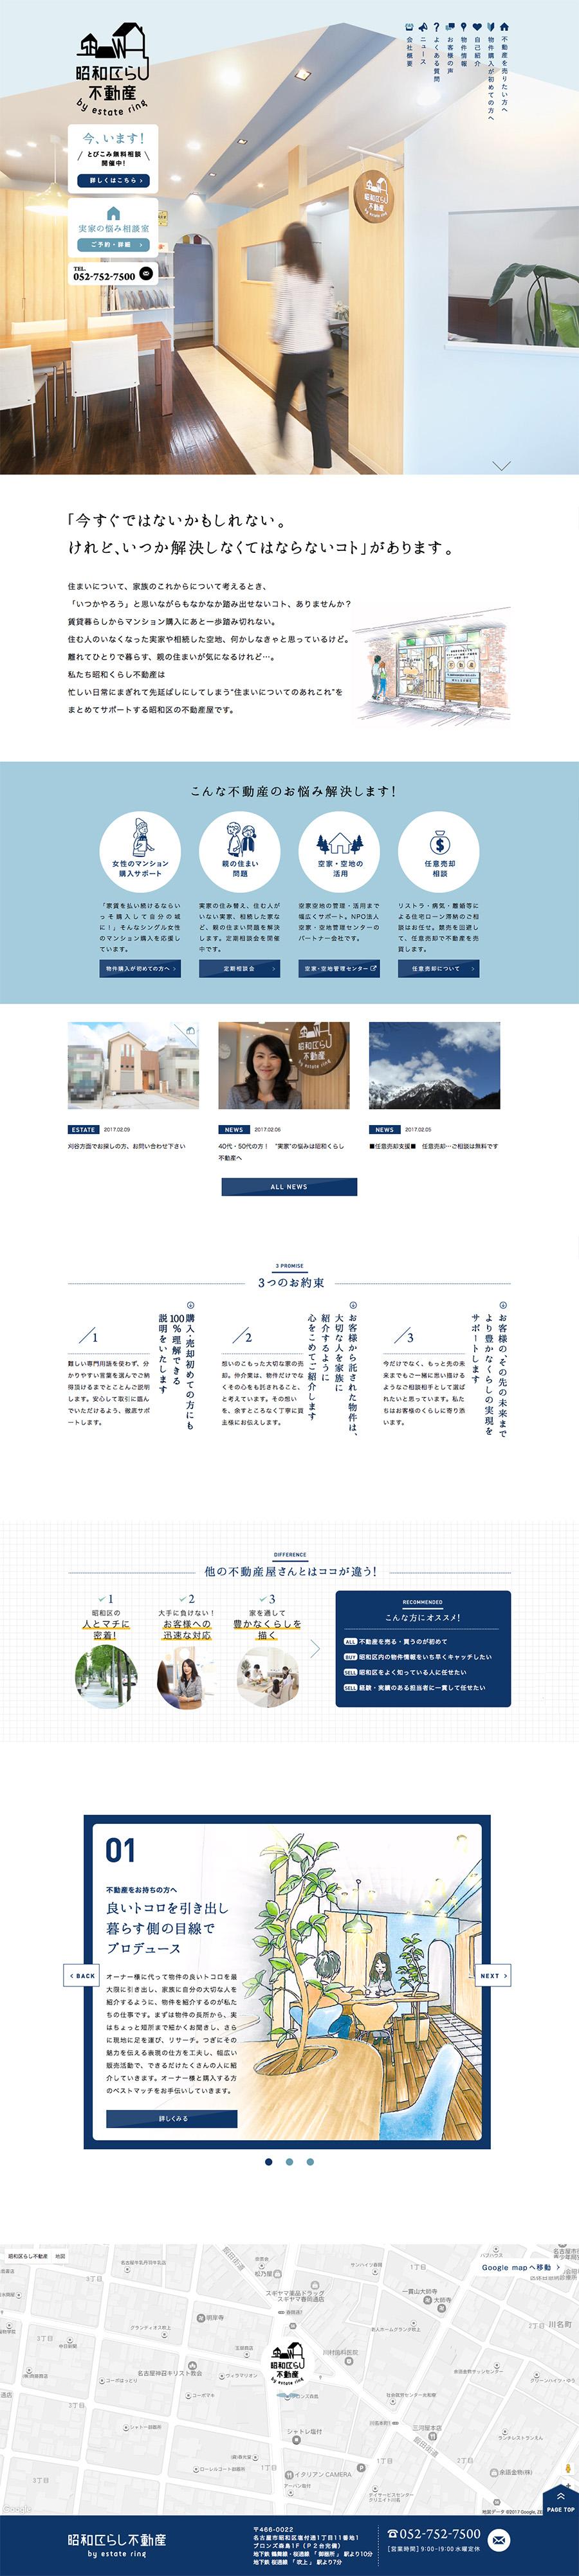 不動産屋のトップページ